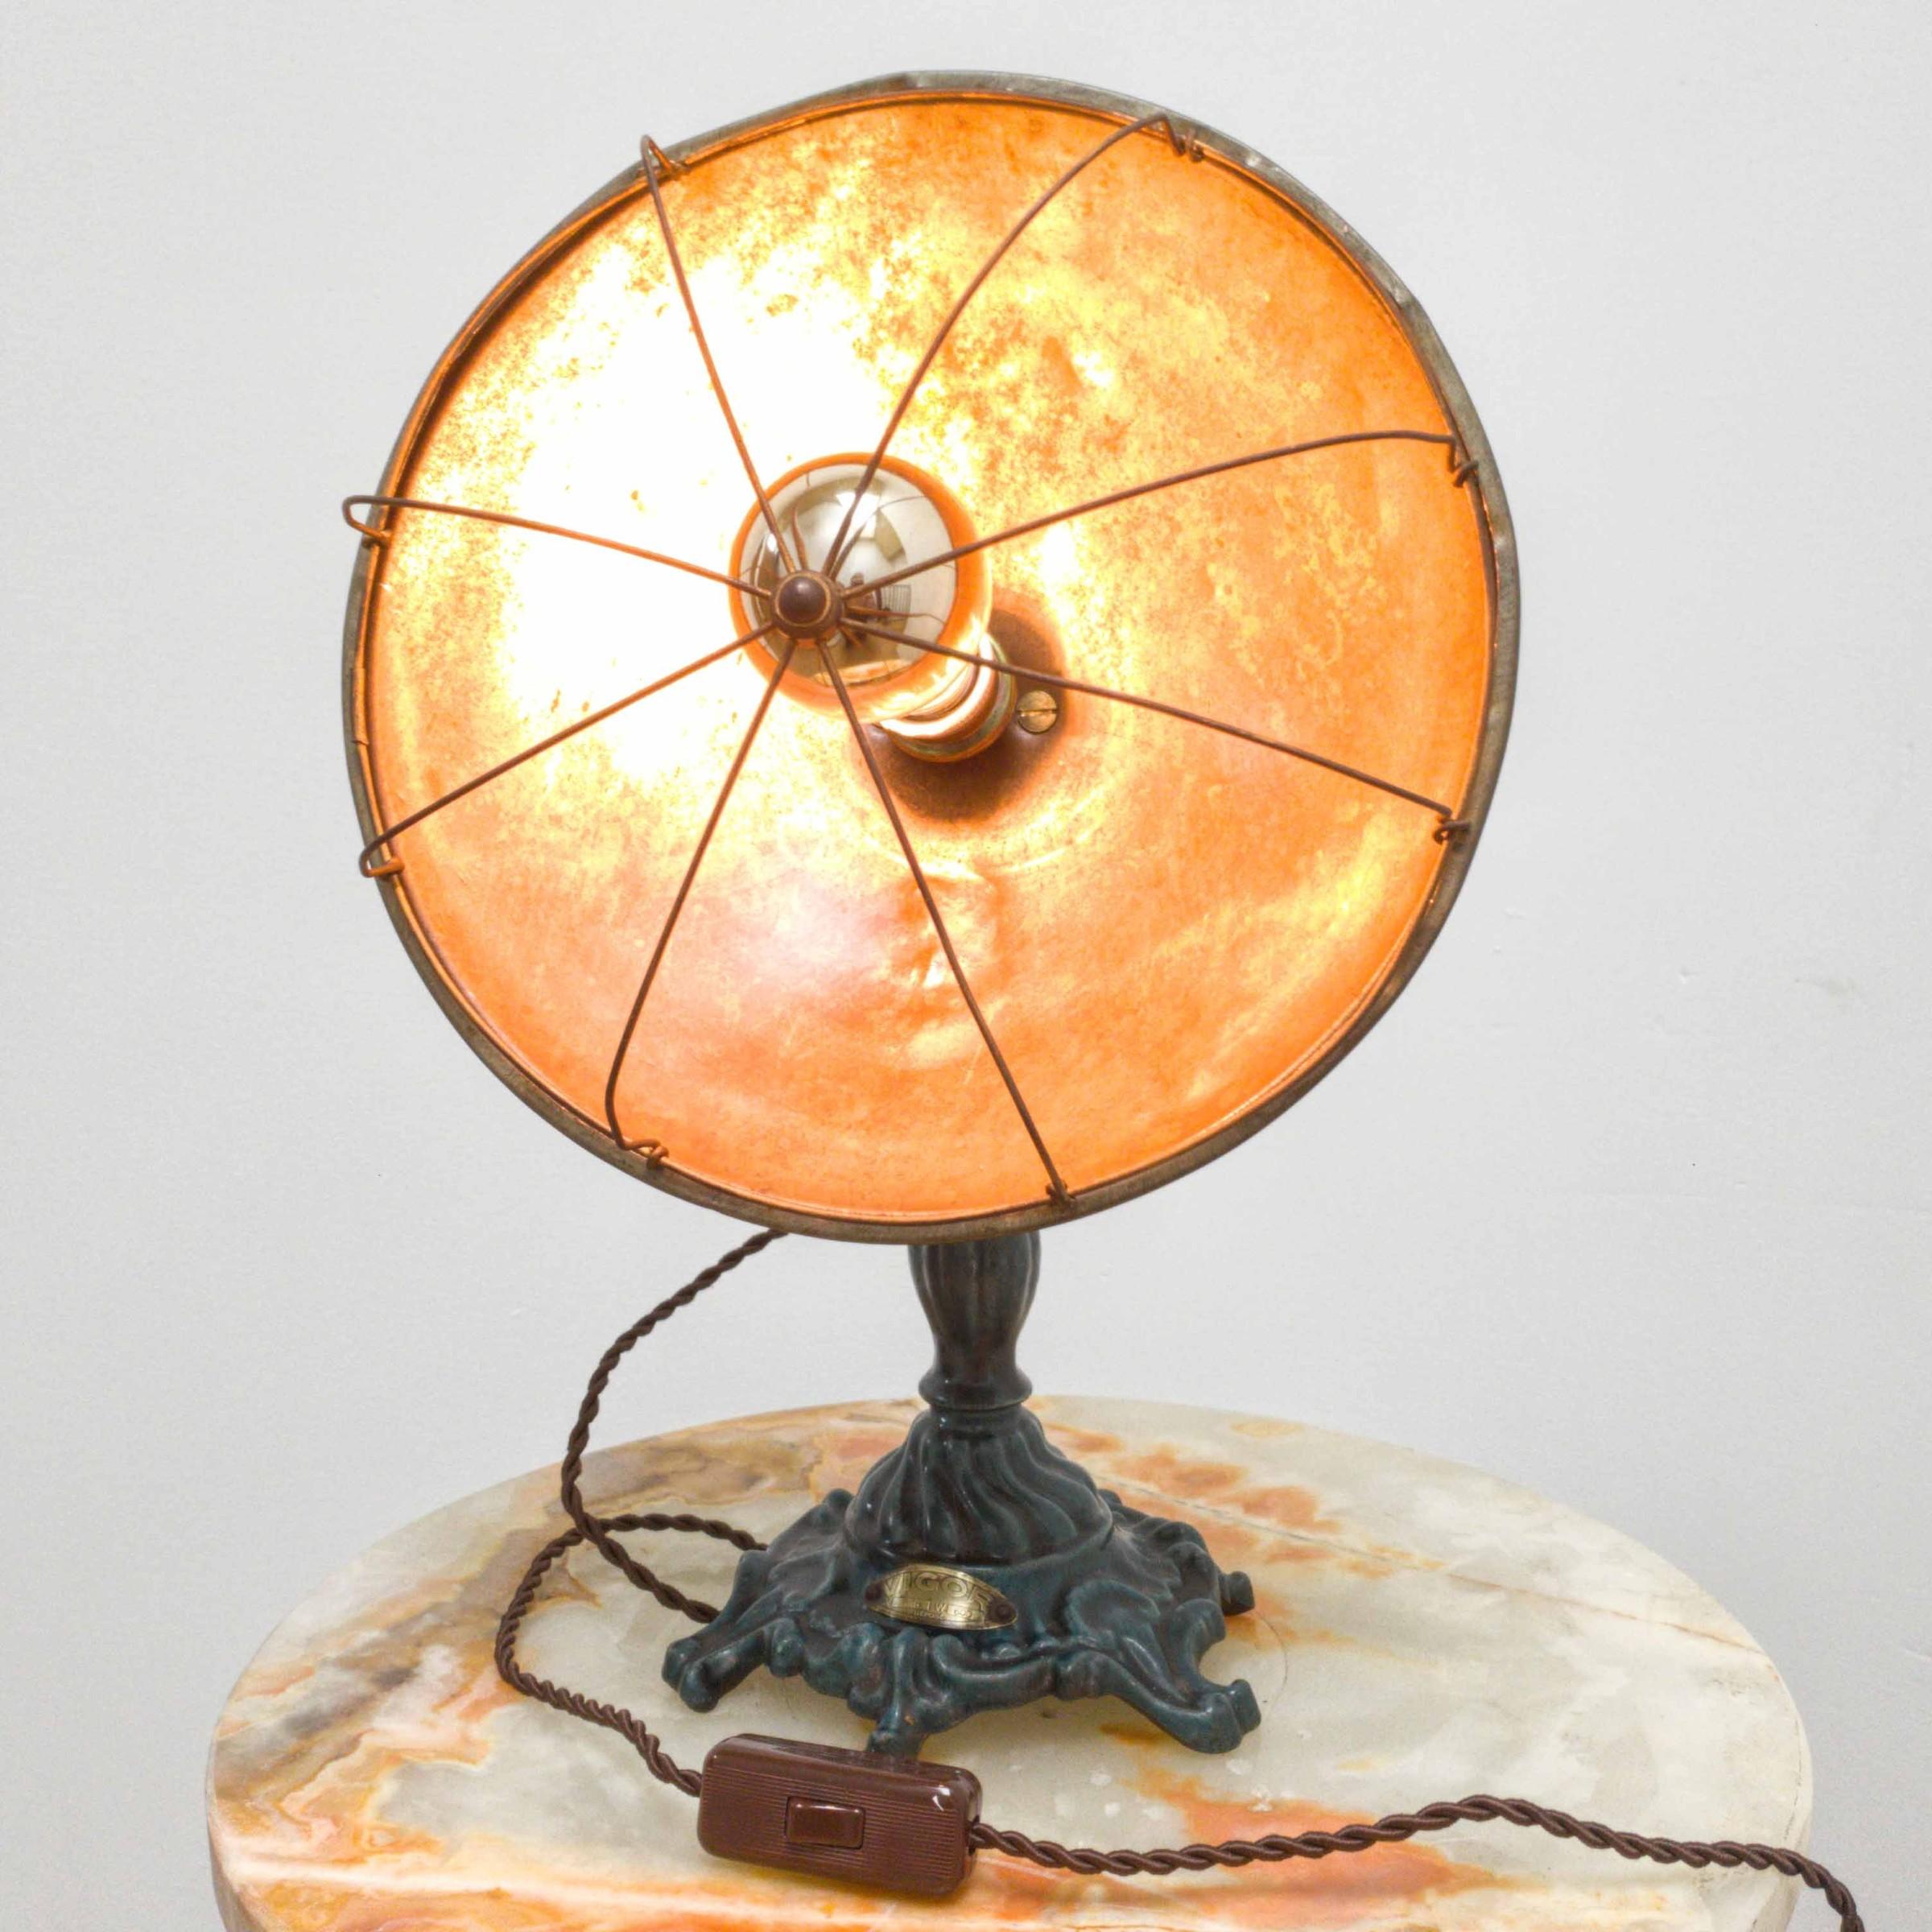 Alte industrielle Tischlampen aus Kupfer oder Gusseisen